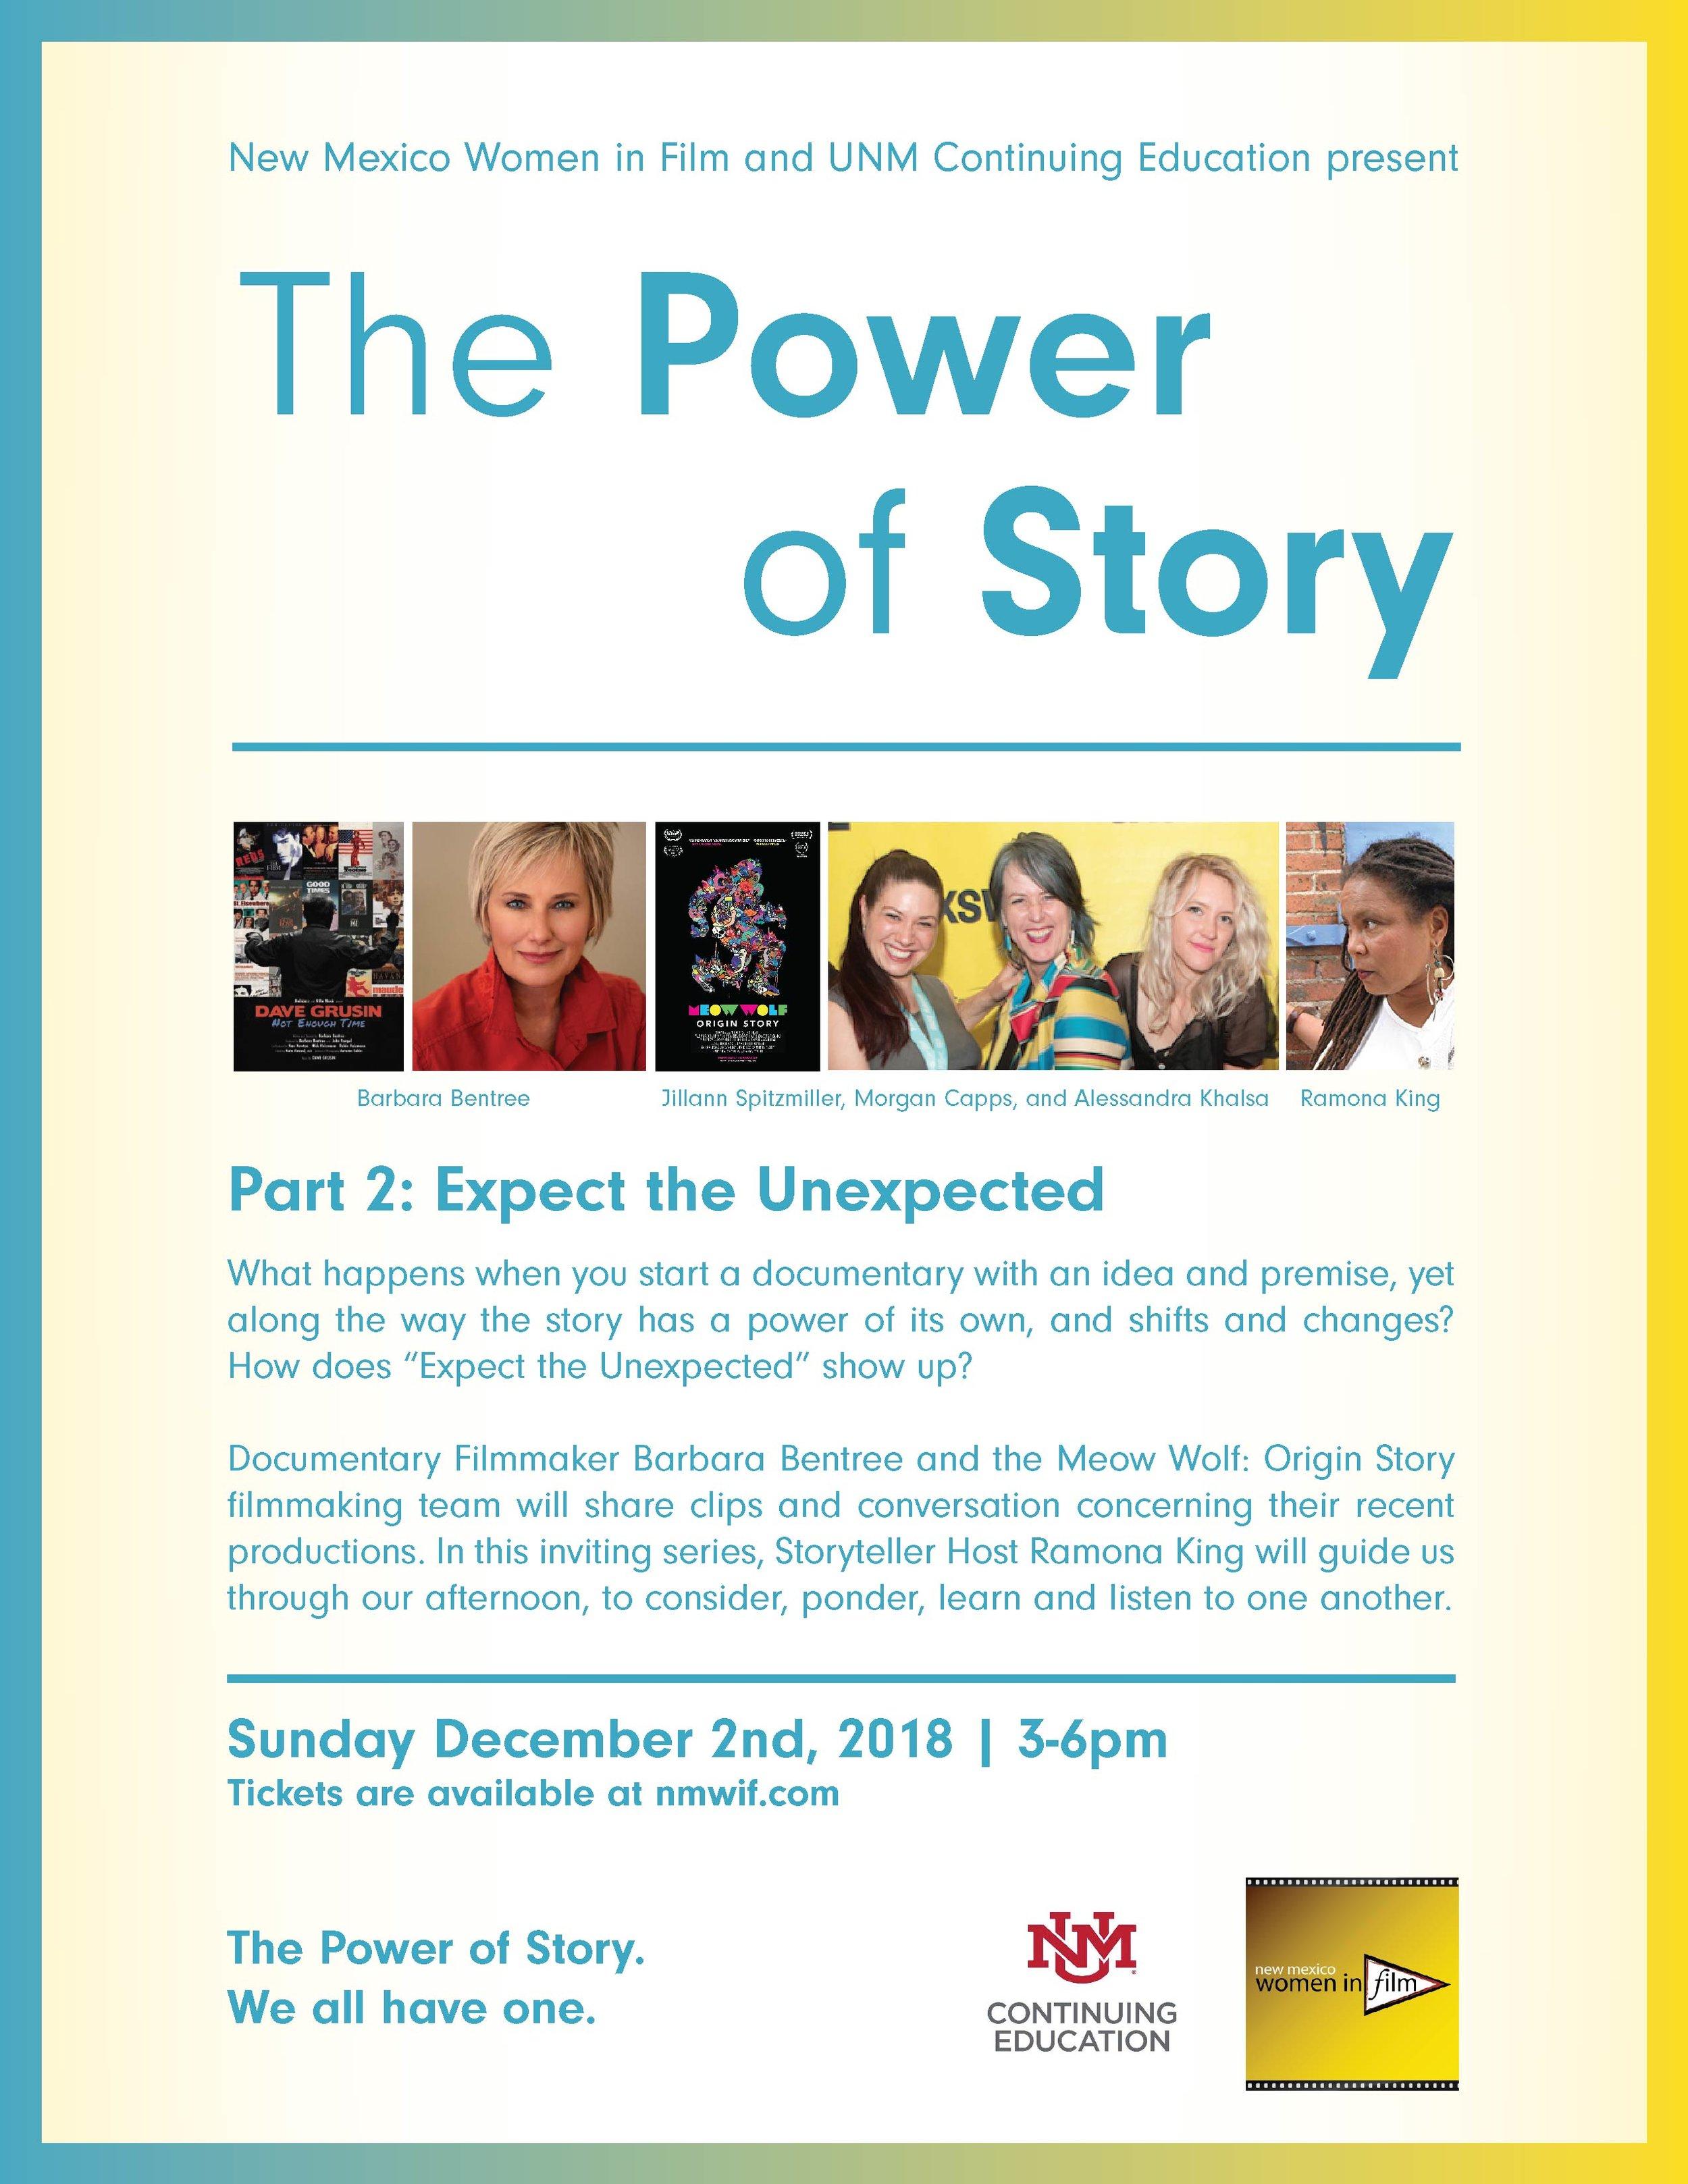 Power of Story_Dec 2 Social Media-01.jpg